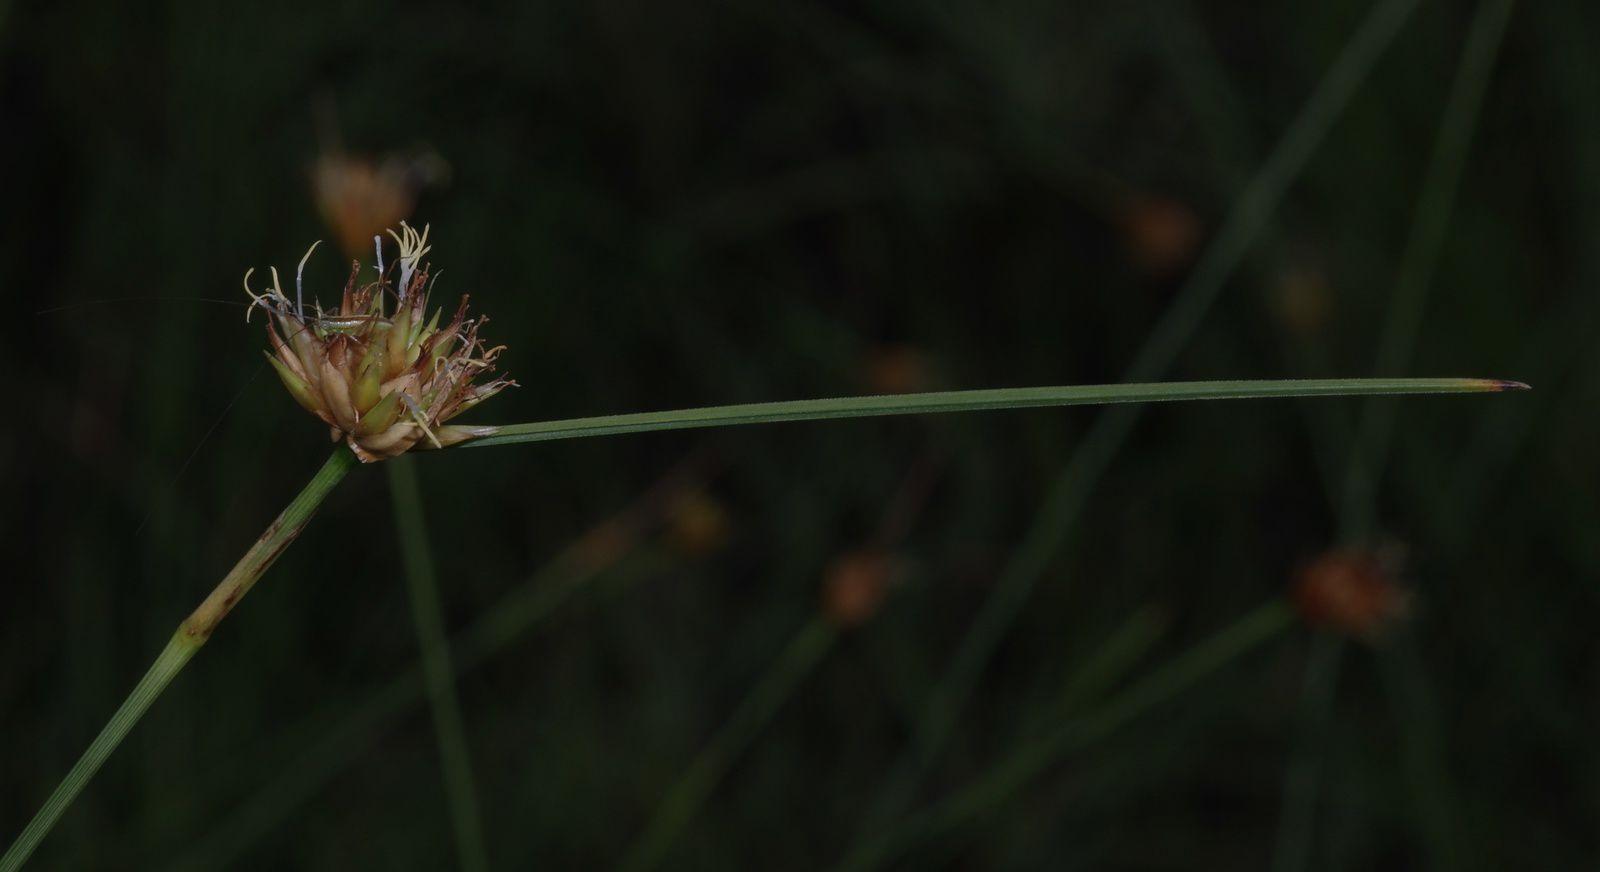 Rhynchospora globosa